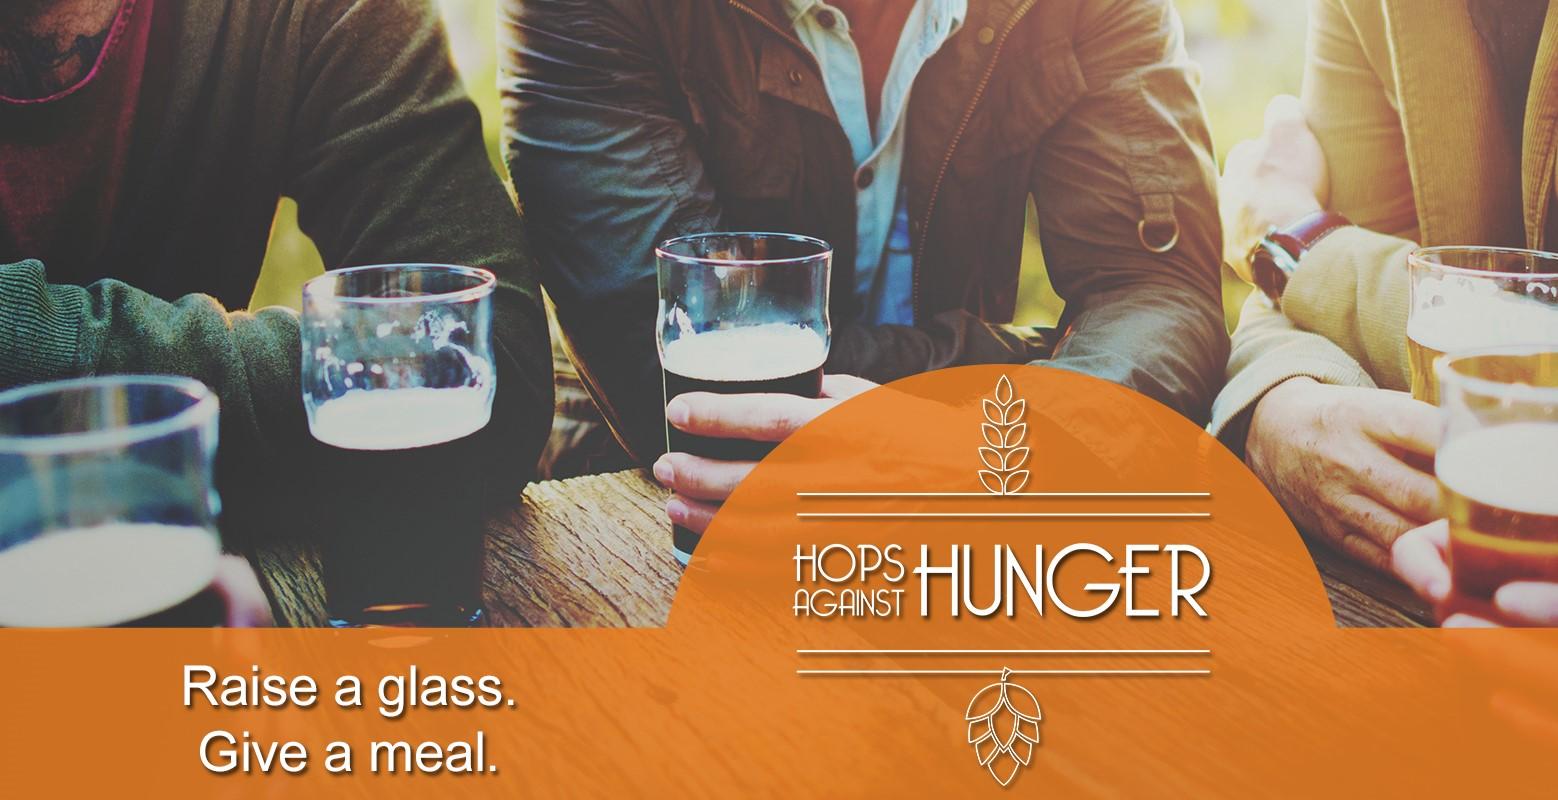 Hops Against Hunger